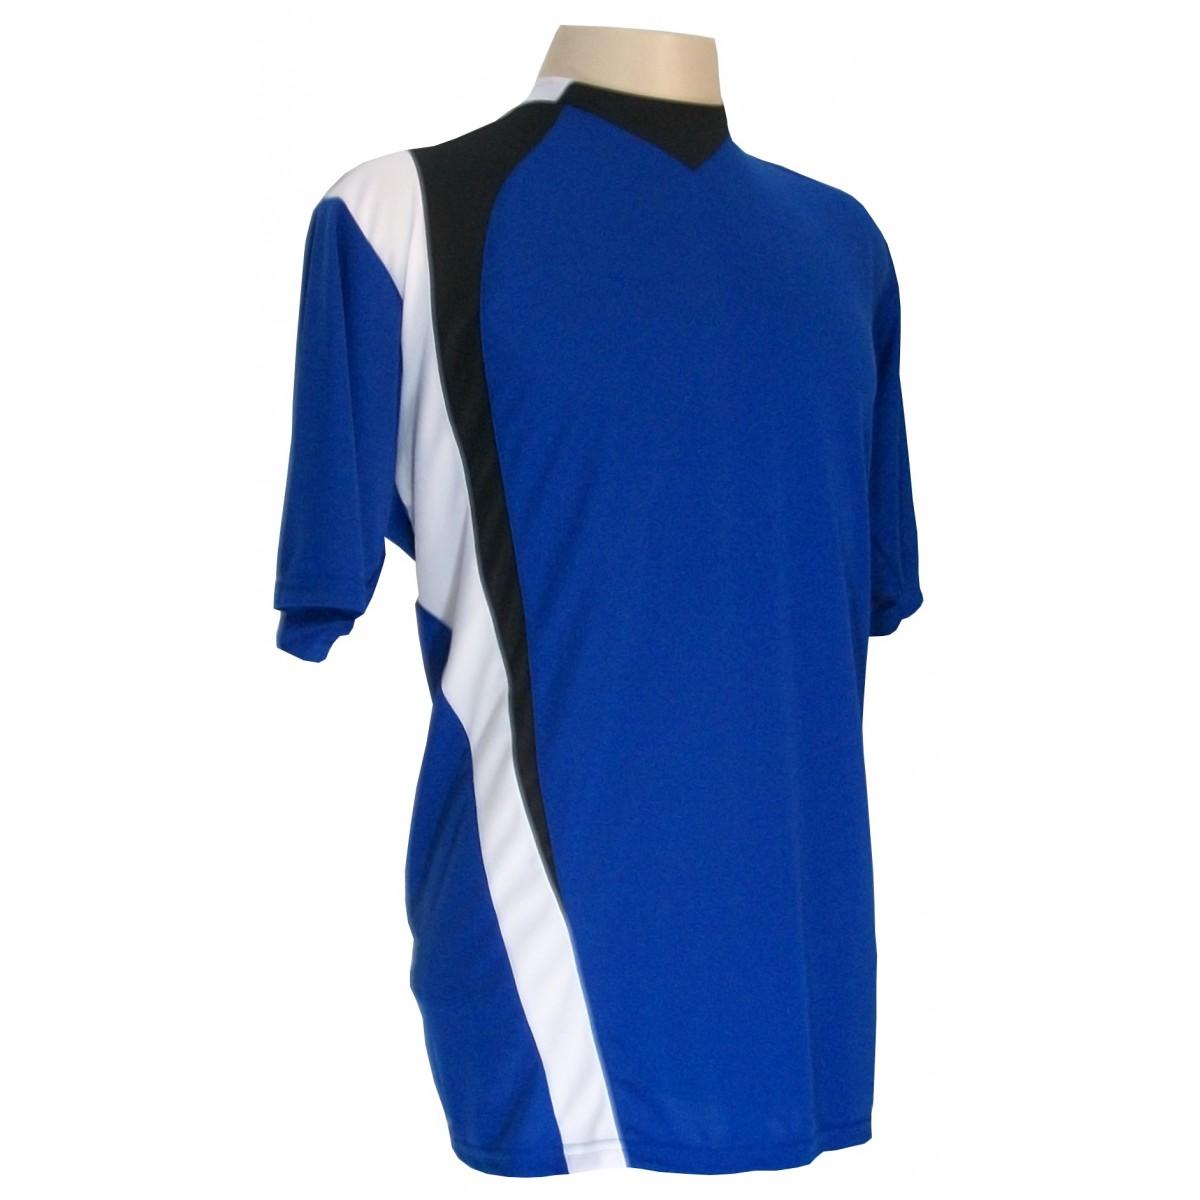 Jogo de Camisa com 14 unidades modelo PSG Royal/Preto/Branco